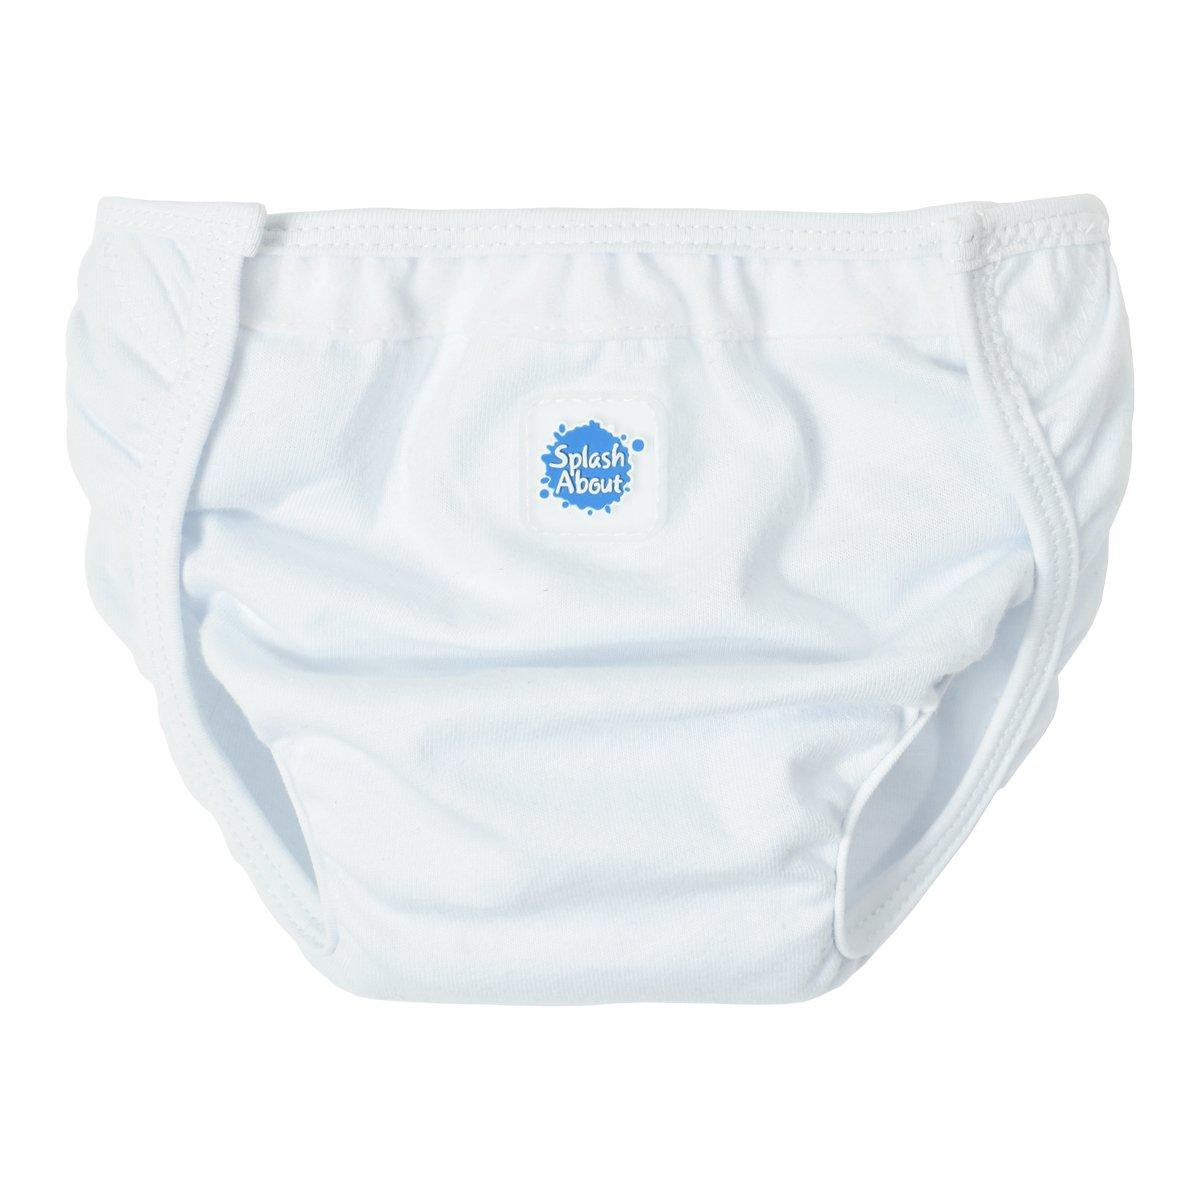 Splash About NW2 - Protector de pañal unisex, color blanco, talla media